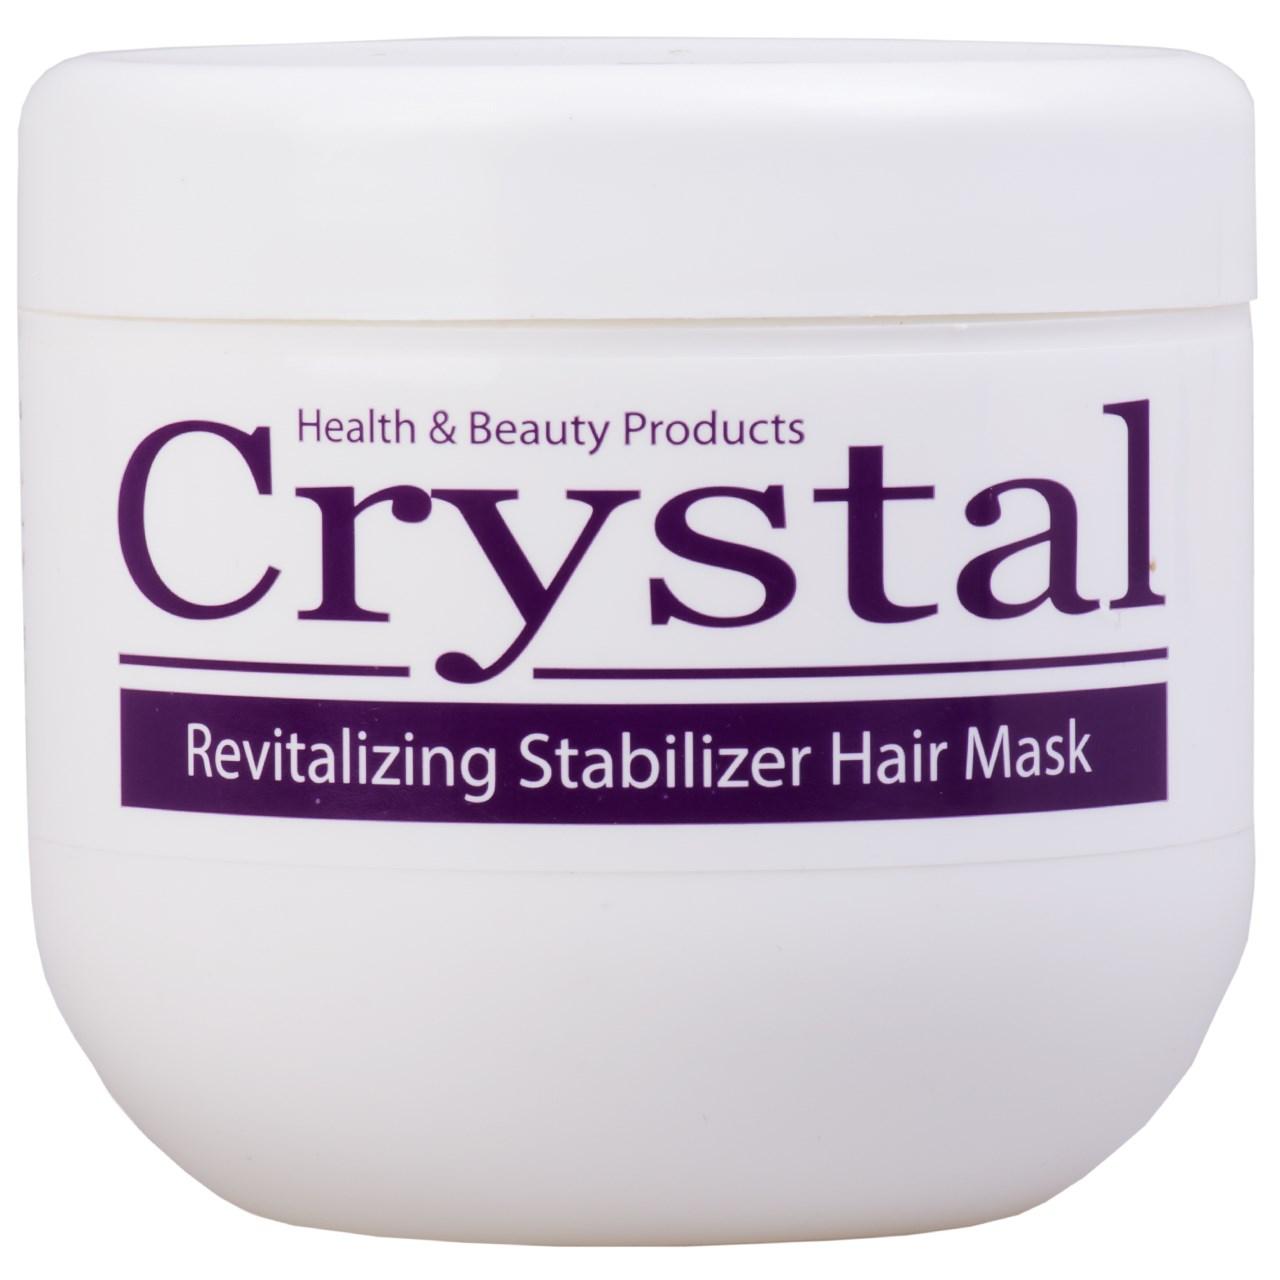 قیمت ماسک تغذیه کننده مو کریستال مدل Revitalizing Stabilizer حجم 500 میلی لیتر